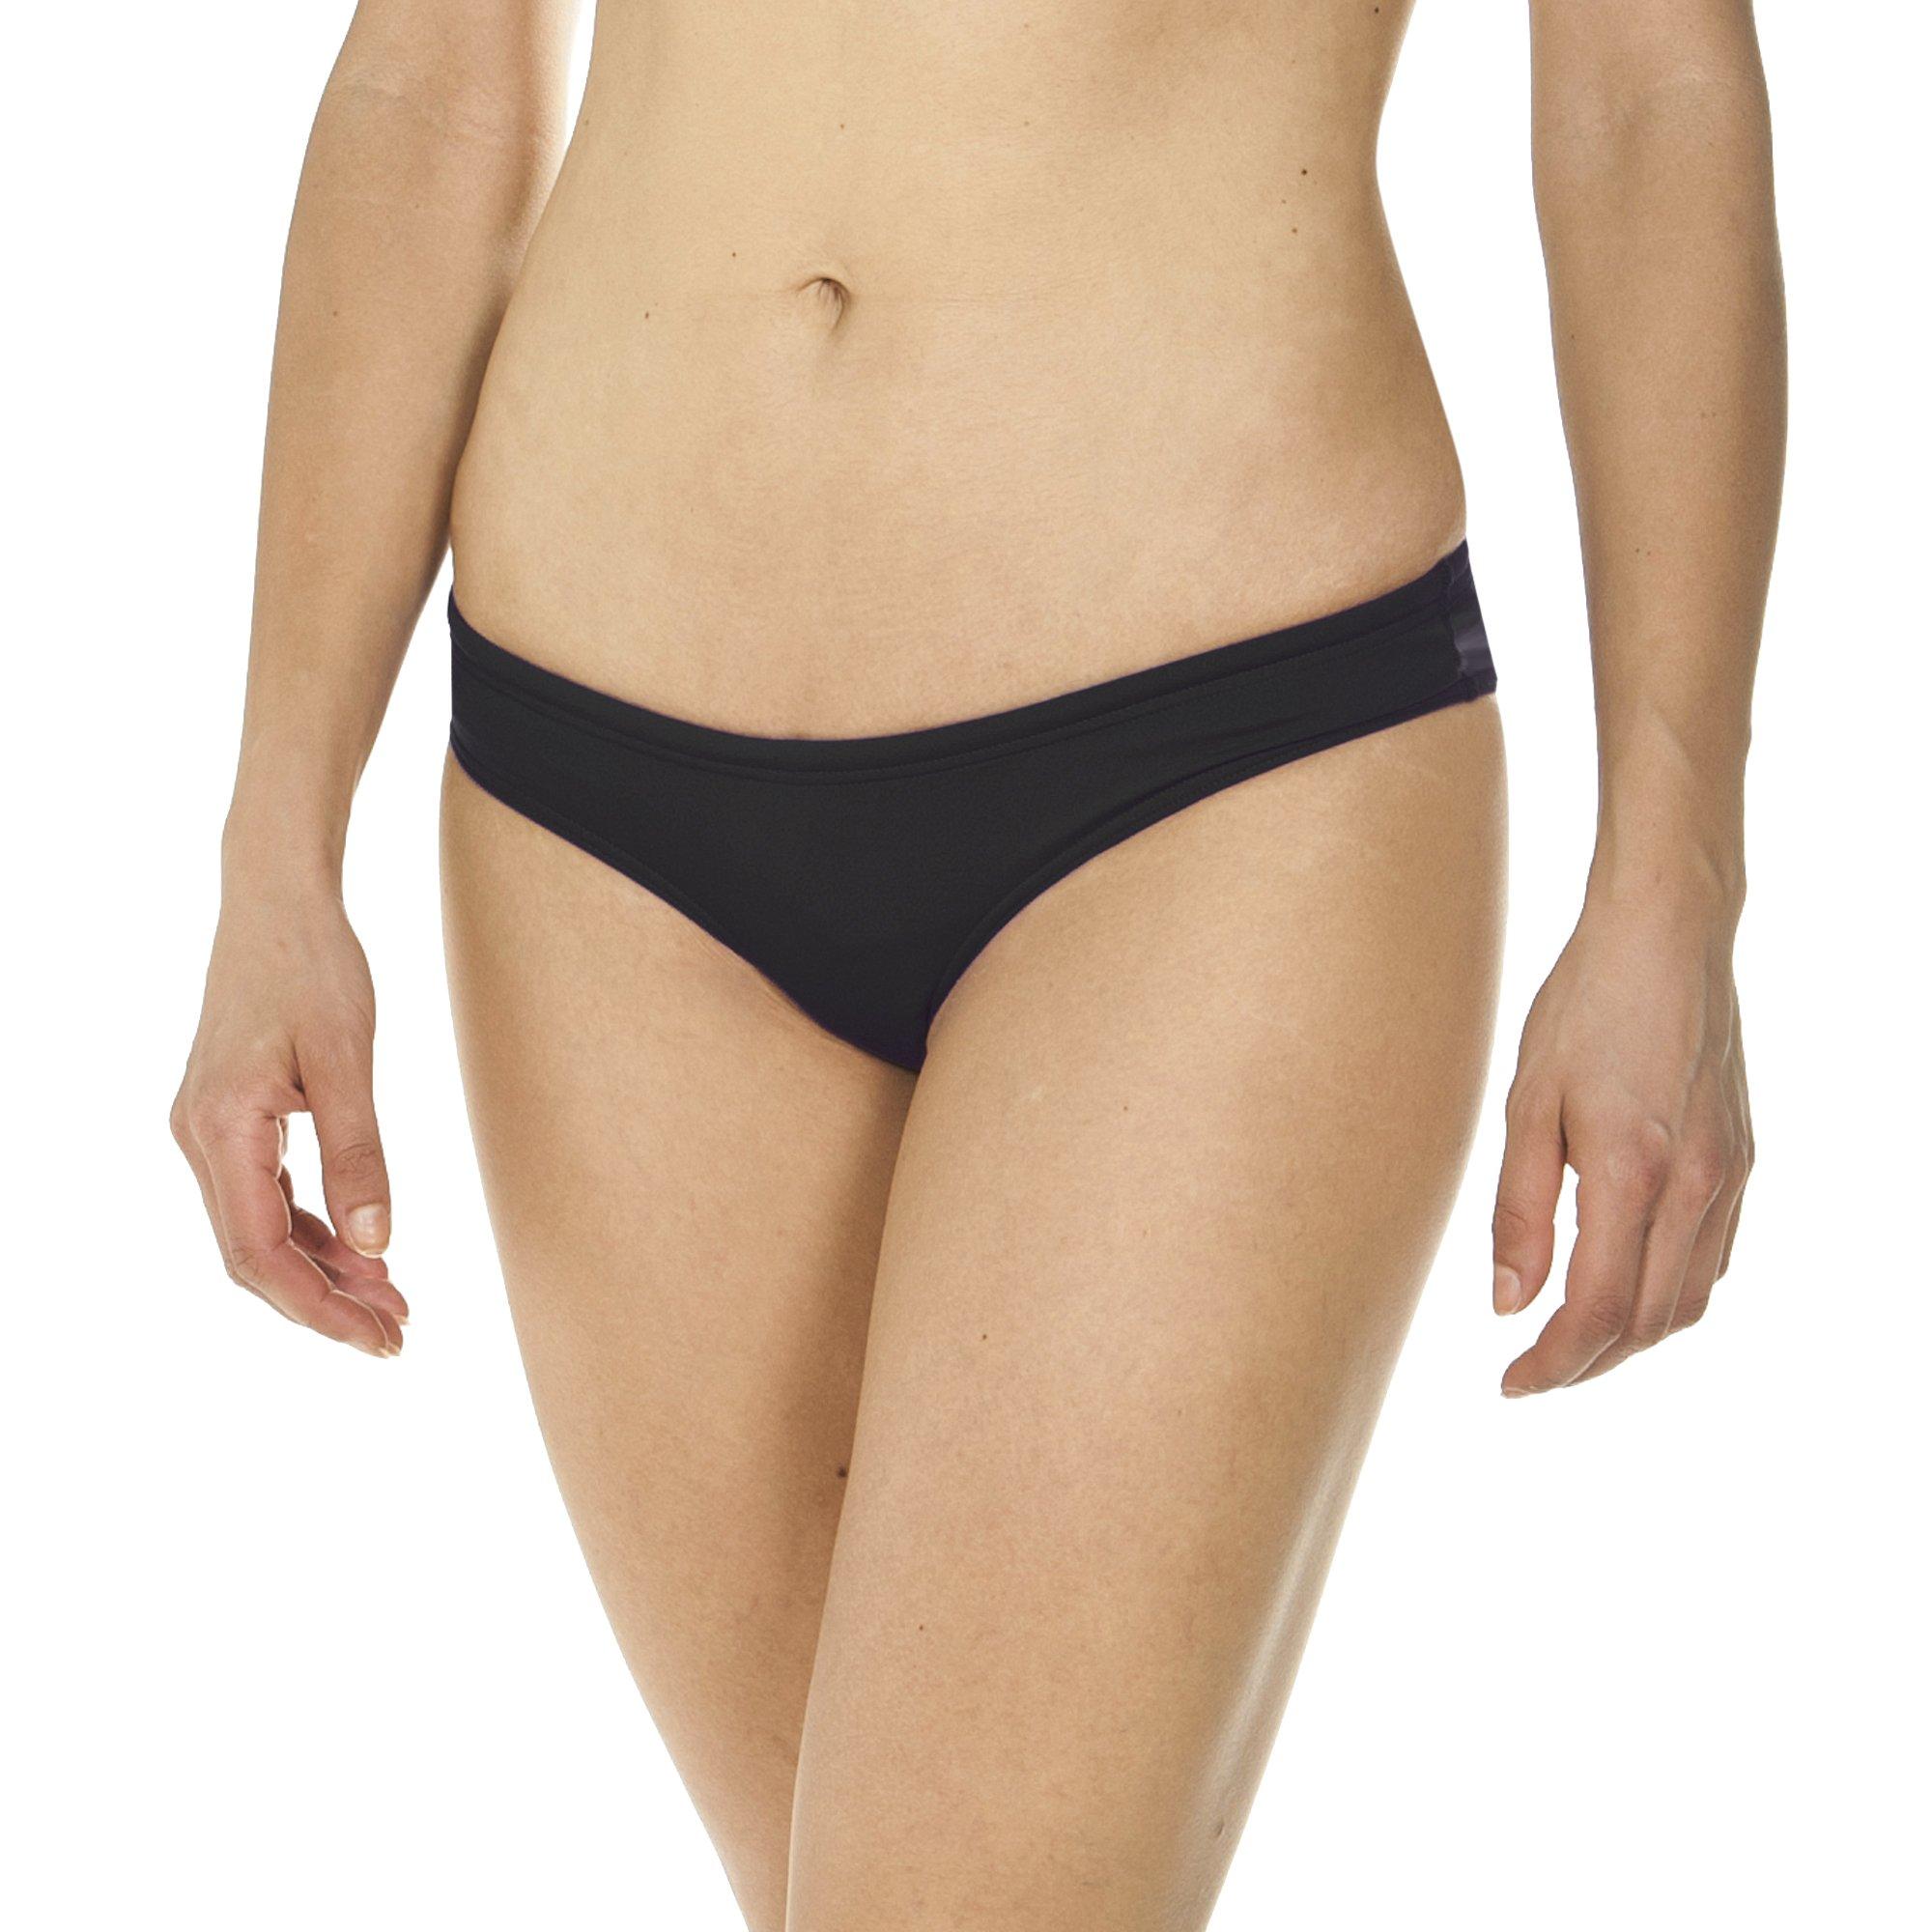 Arena Rule Breaker Unique Bikini Bottom, Black Yellow Star, XX-Small by Arena